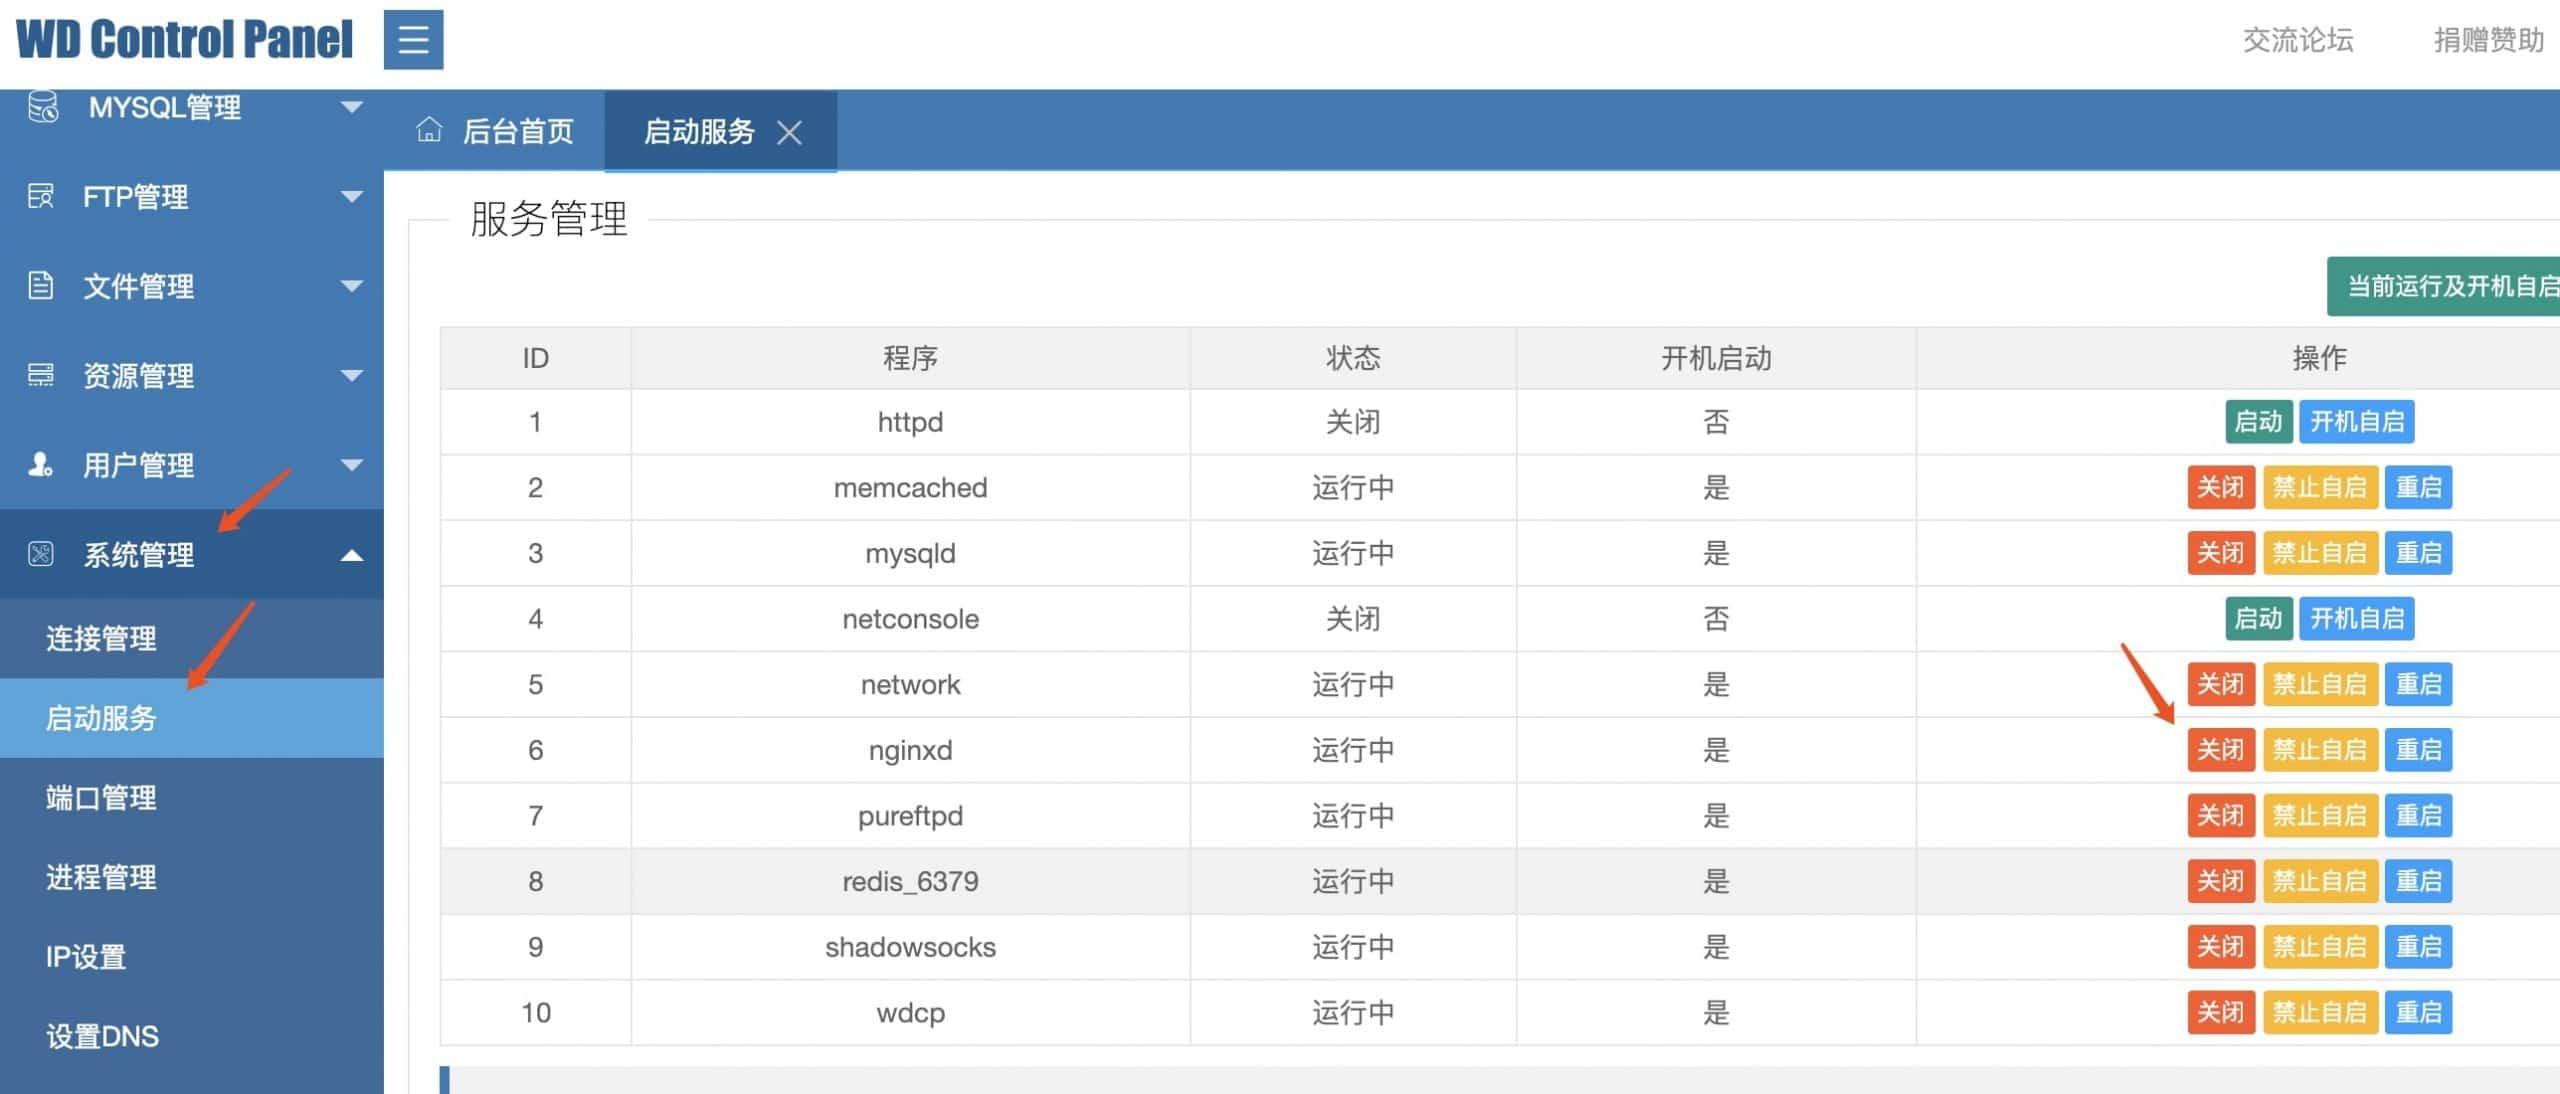 基于Centos7+Nignix环境WDCP面板二级域名手动配置https SSL